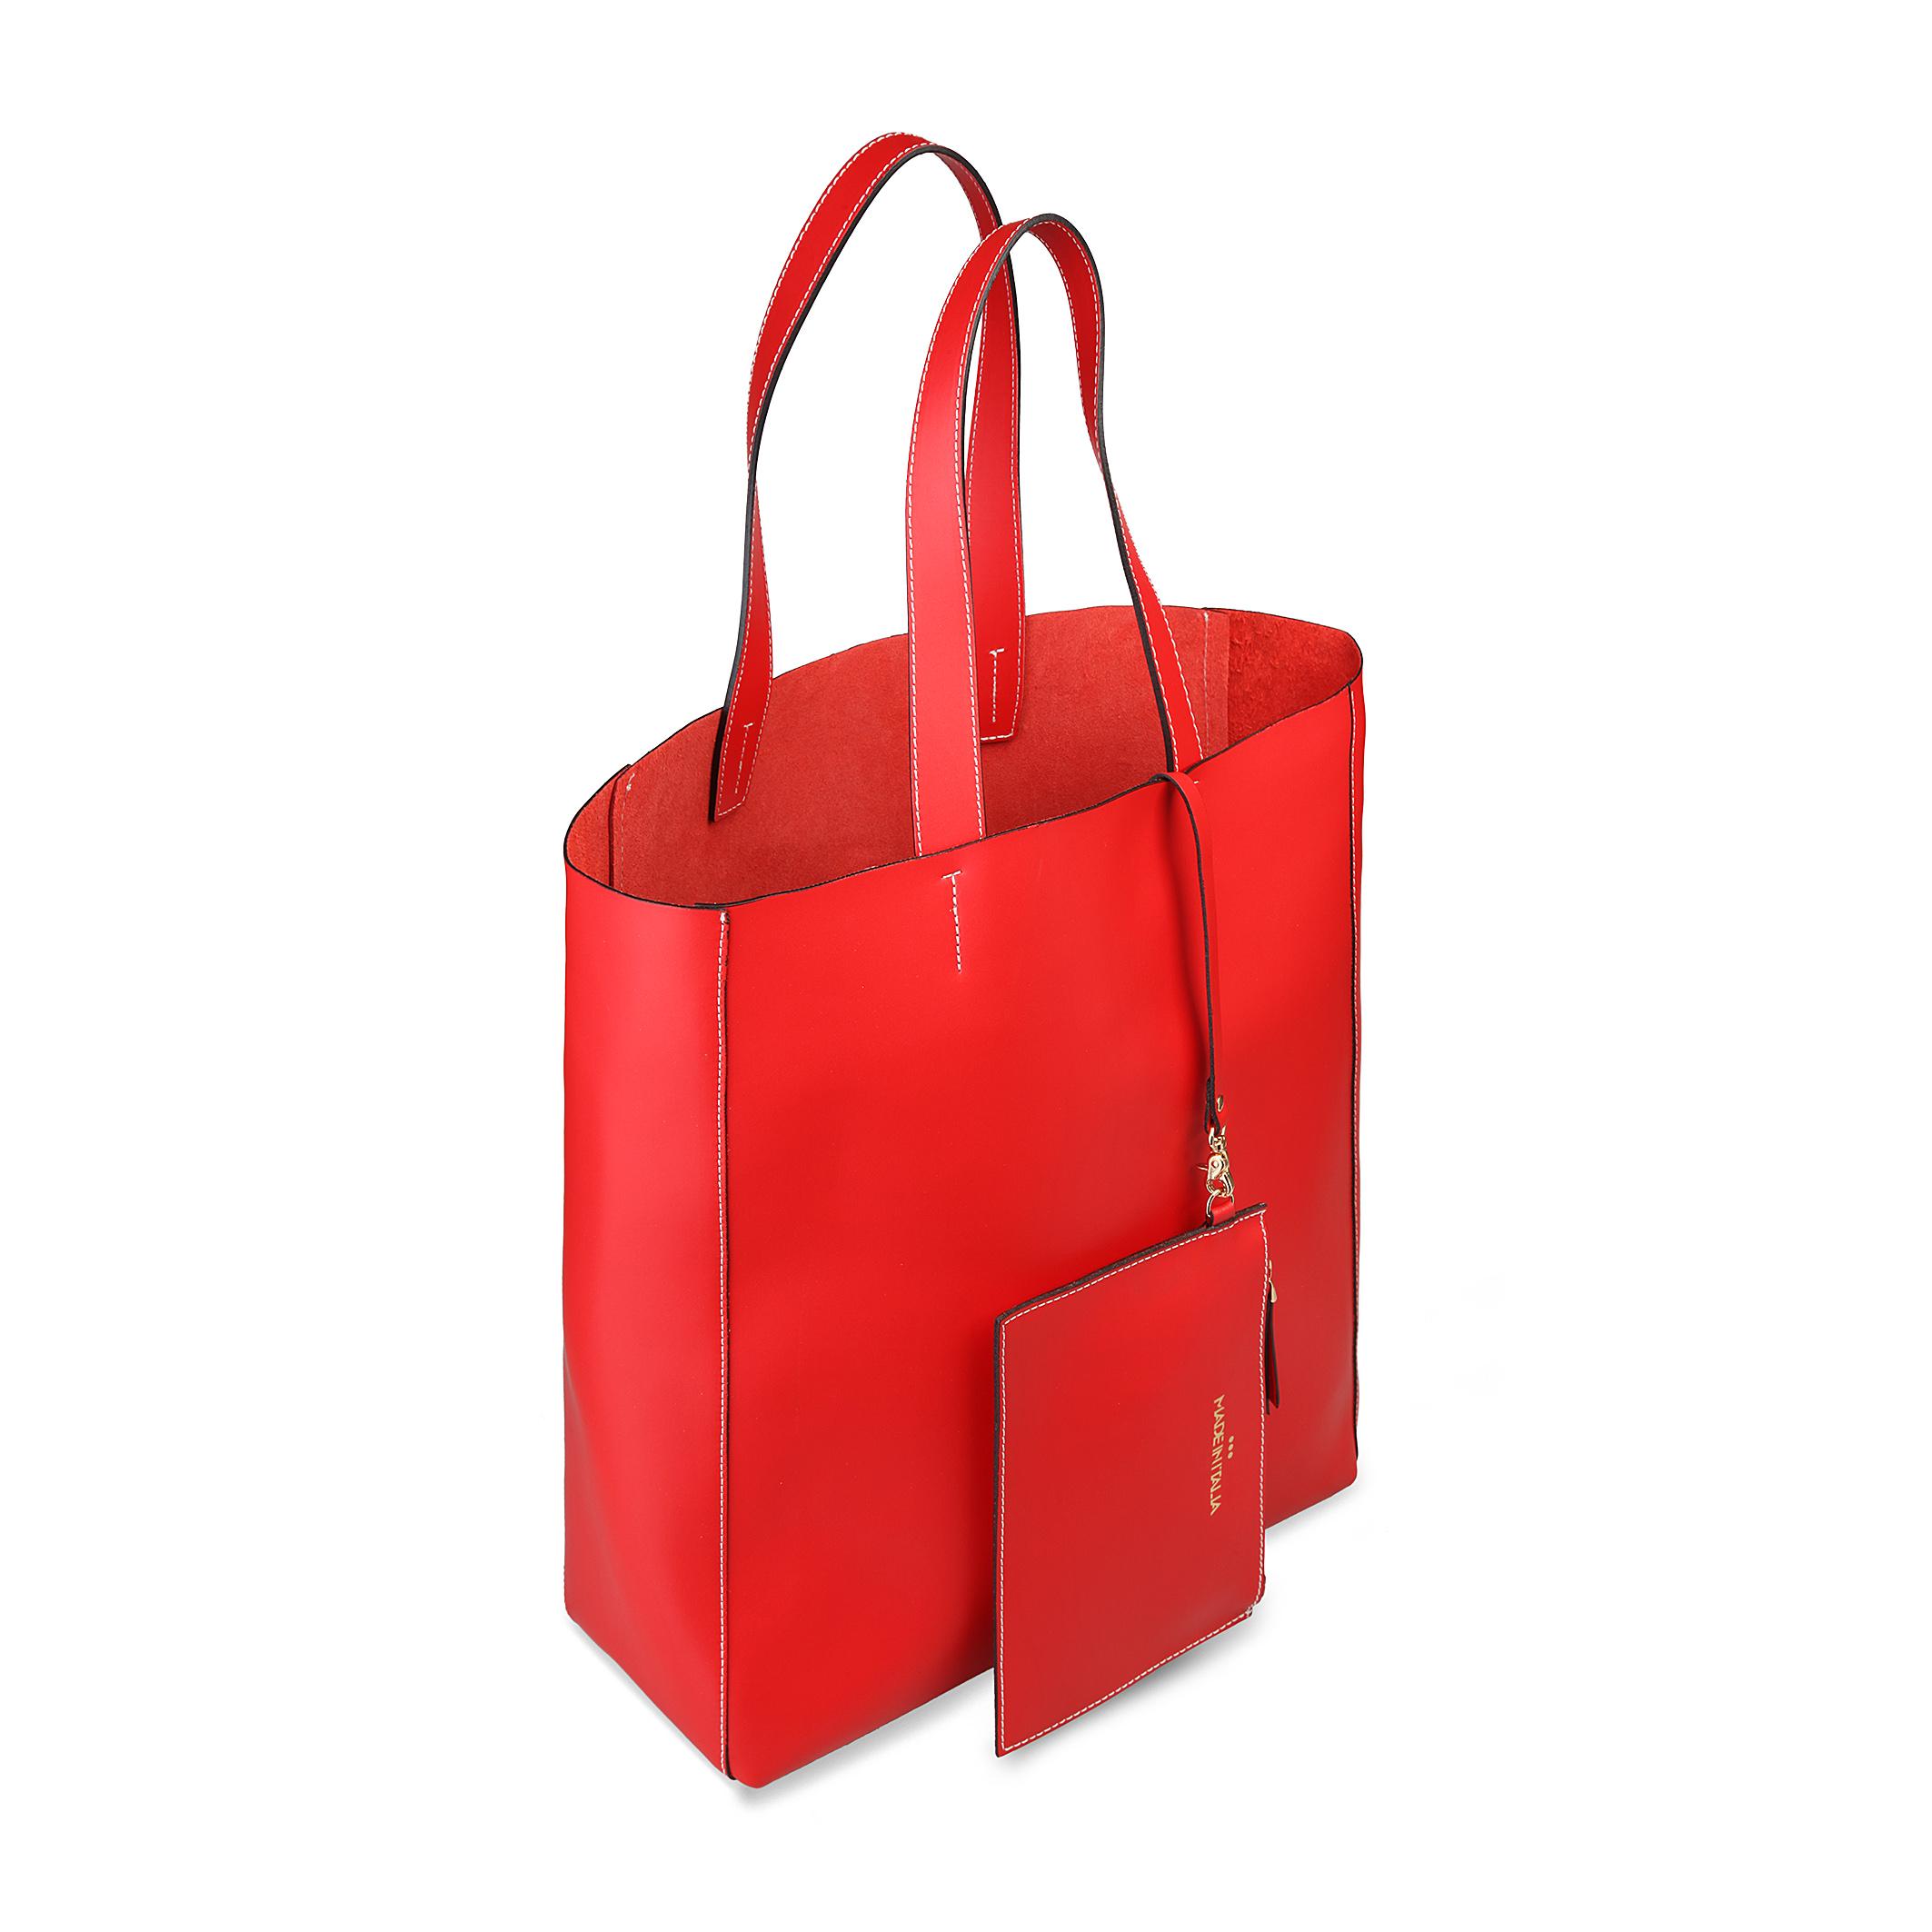 Cabas / Sacs shopping  Made in Italia FOSCA red